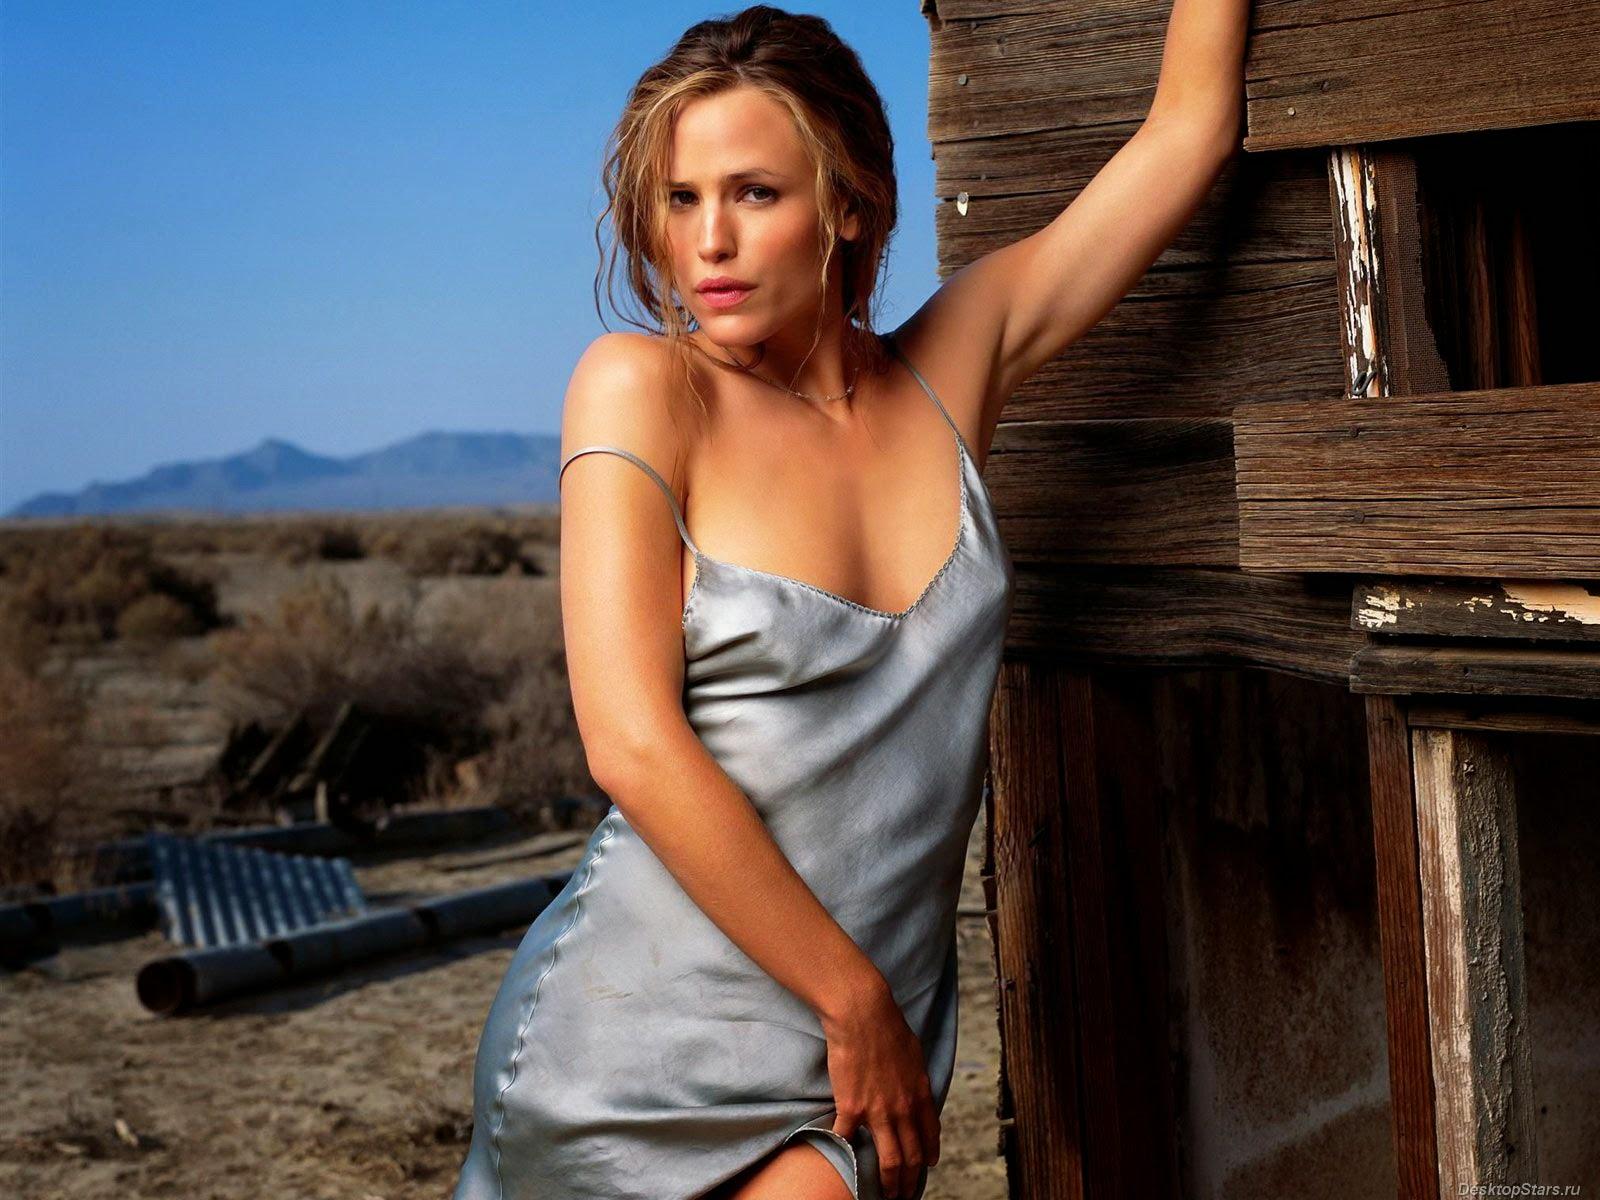 Jennifer Garner Wallpapers - Hottest Pictures & Wallpapers